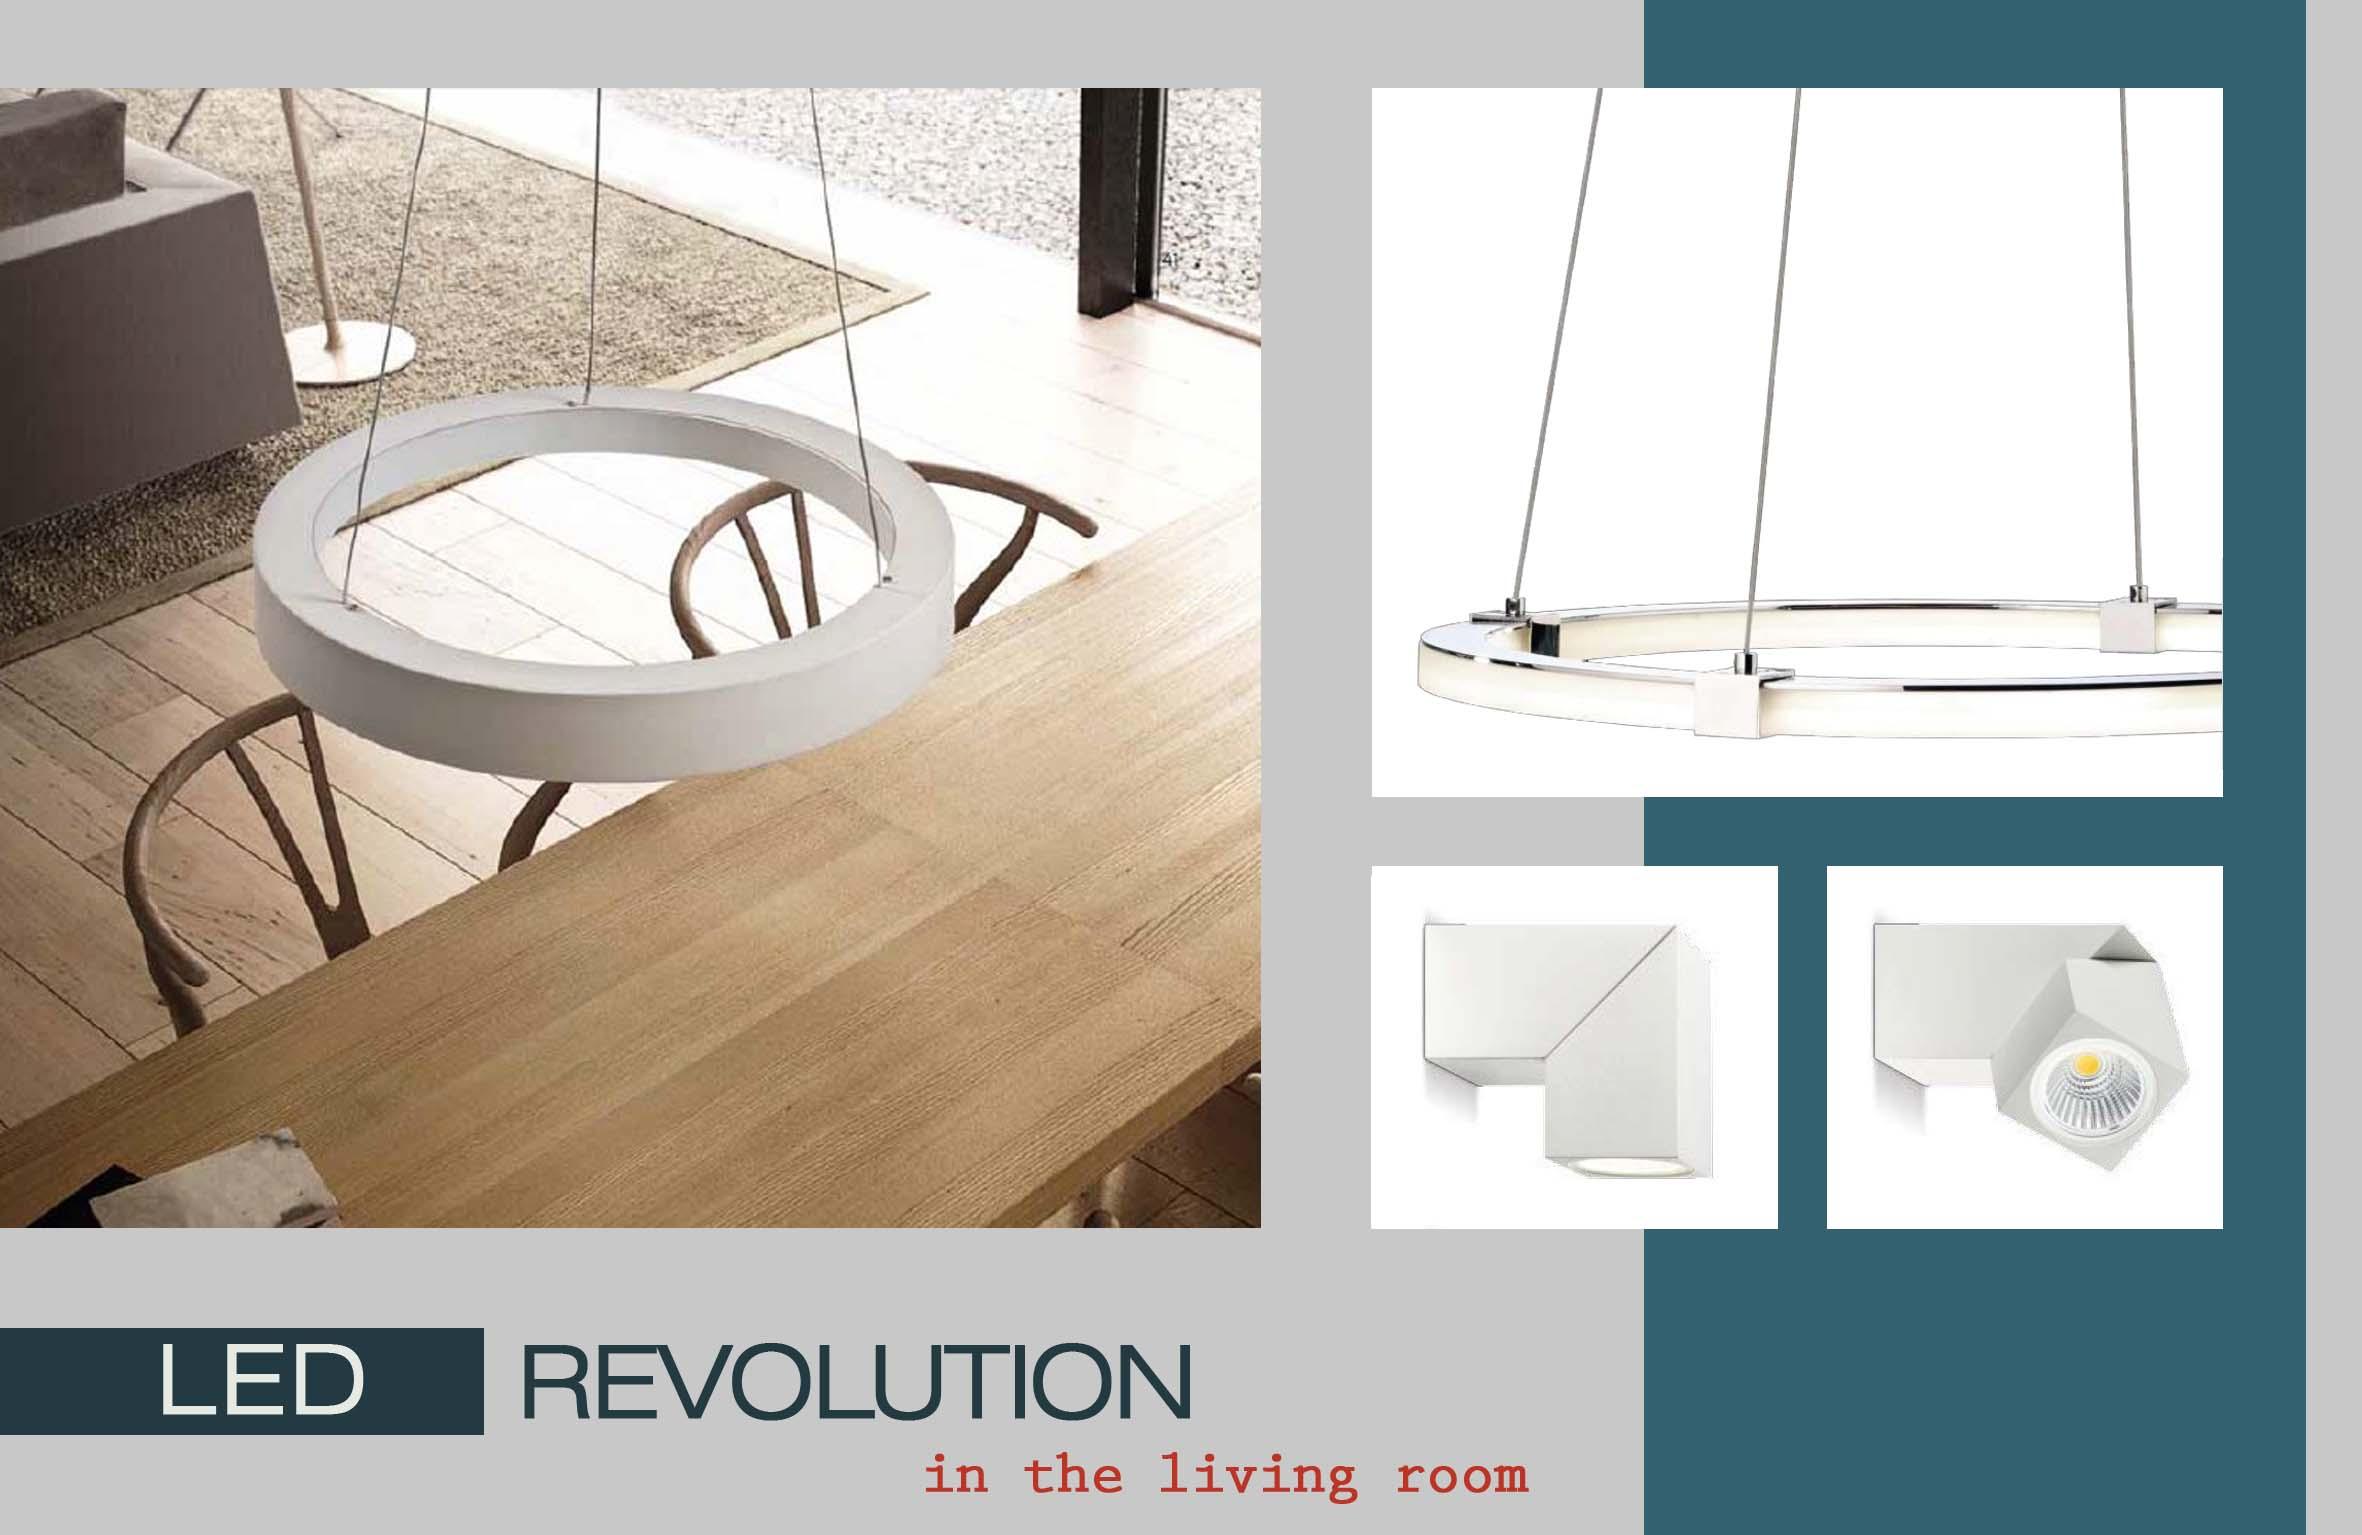 LED revolution!